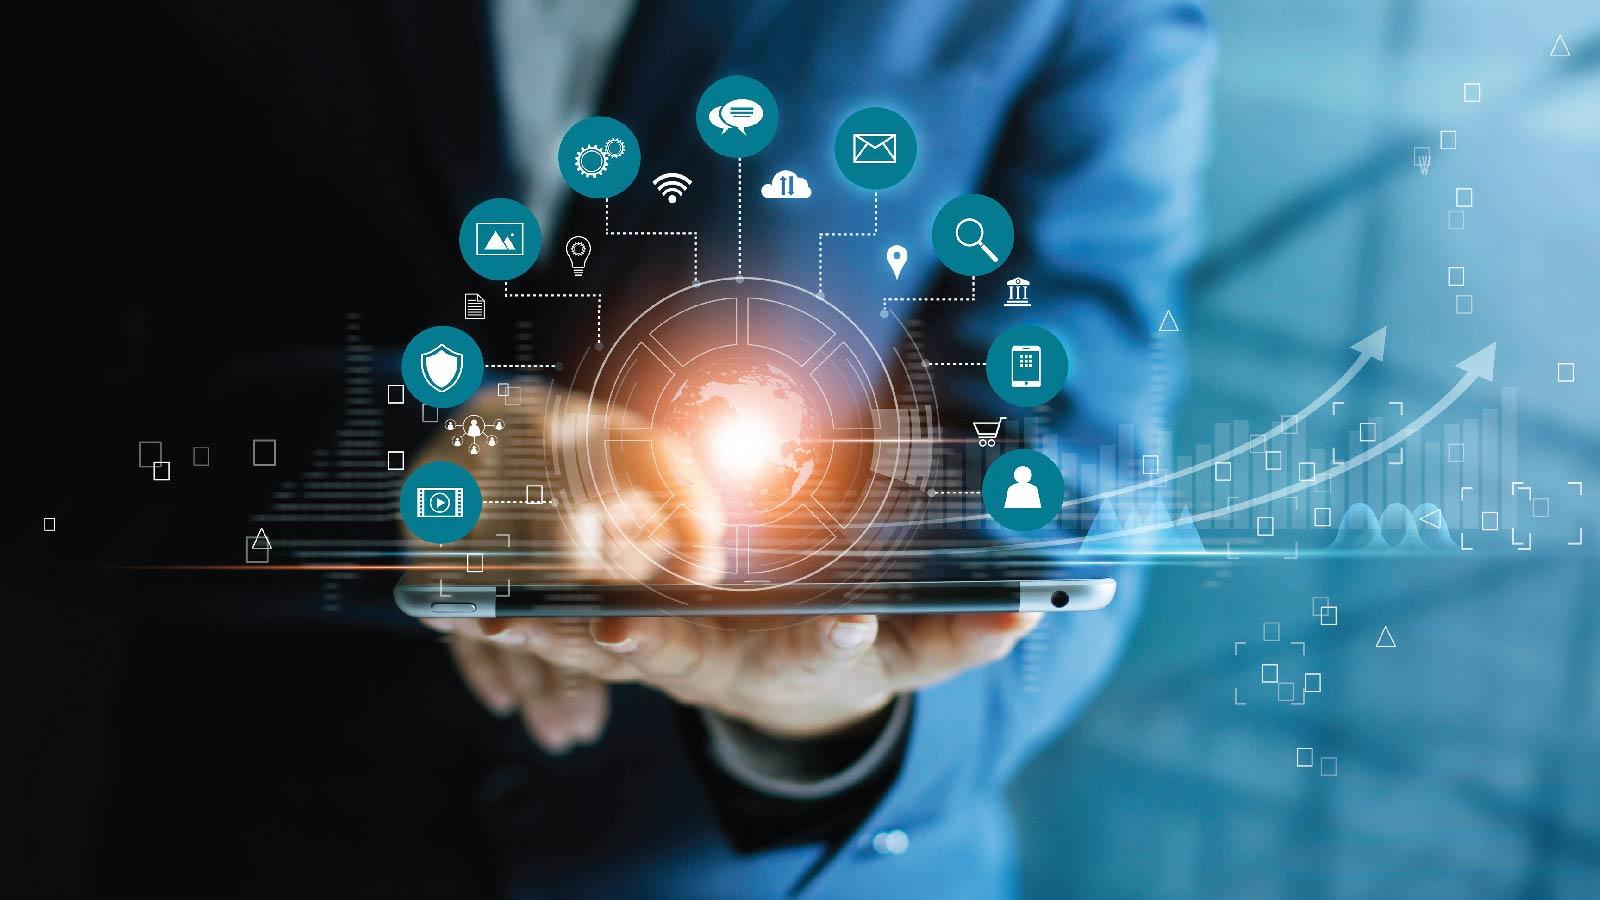 CIOs Using Digital transformation